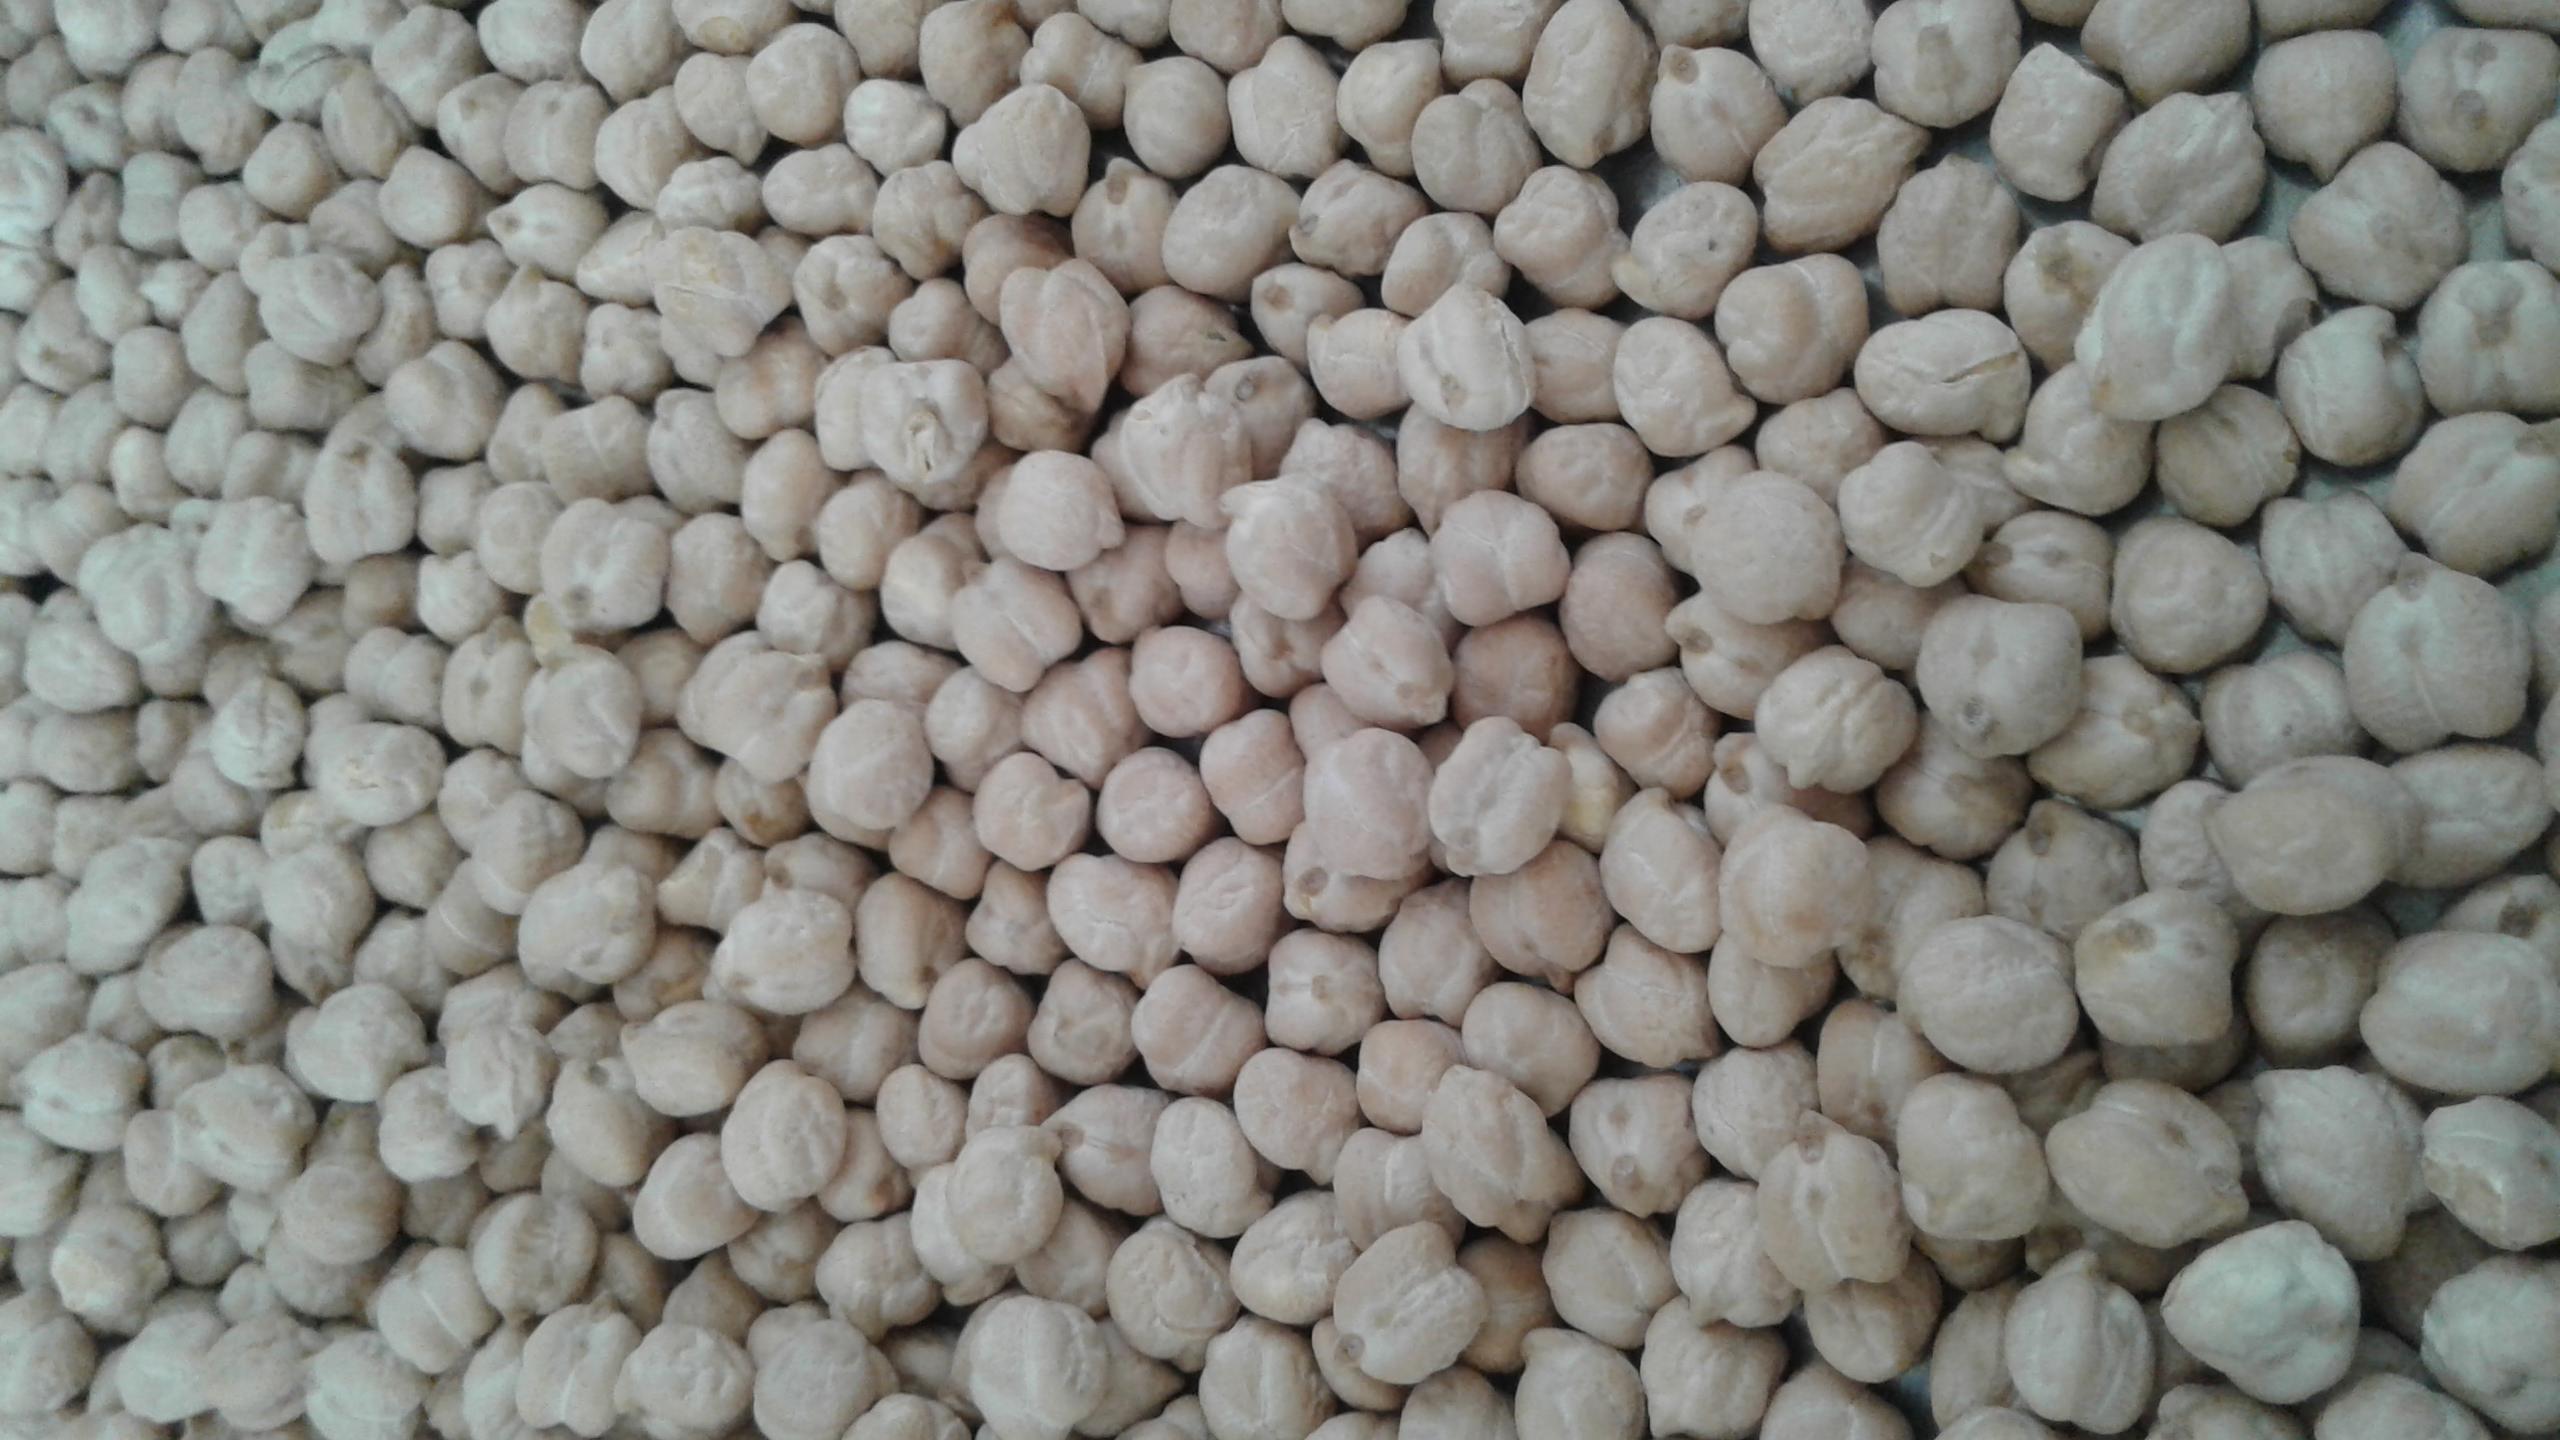 Nohut tohumu resimi fotoğrafı